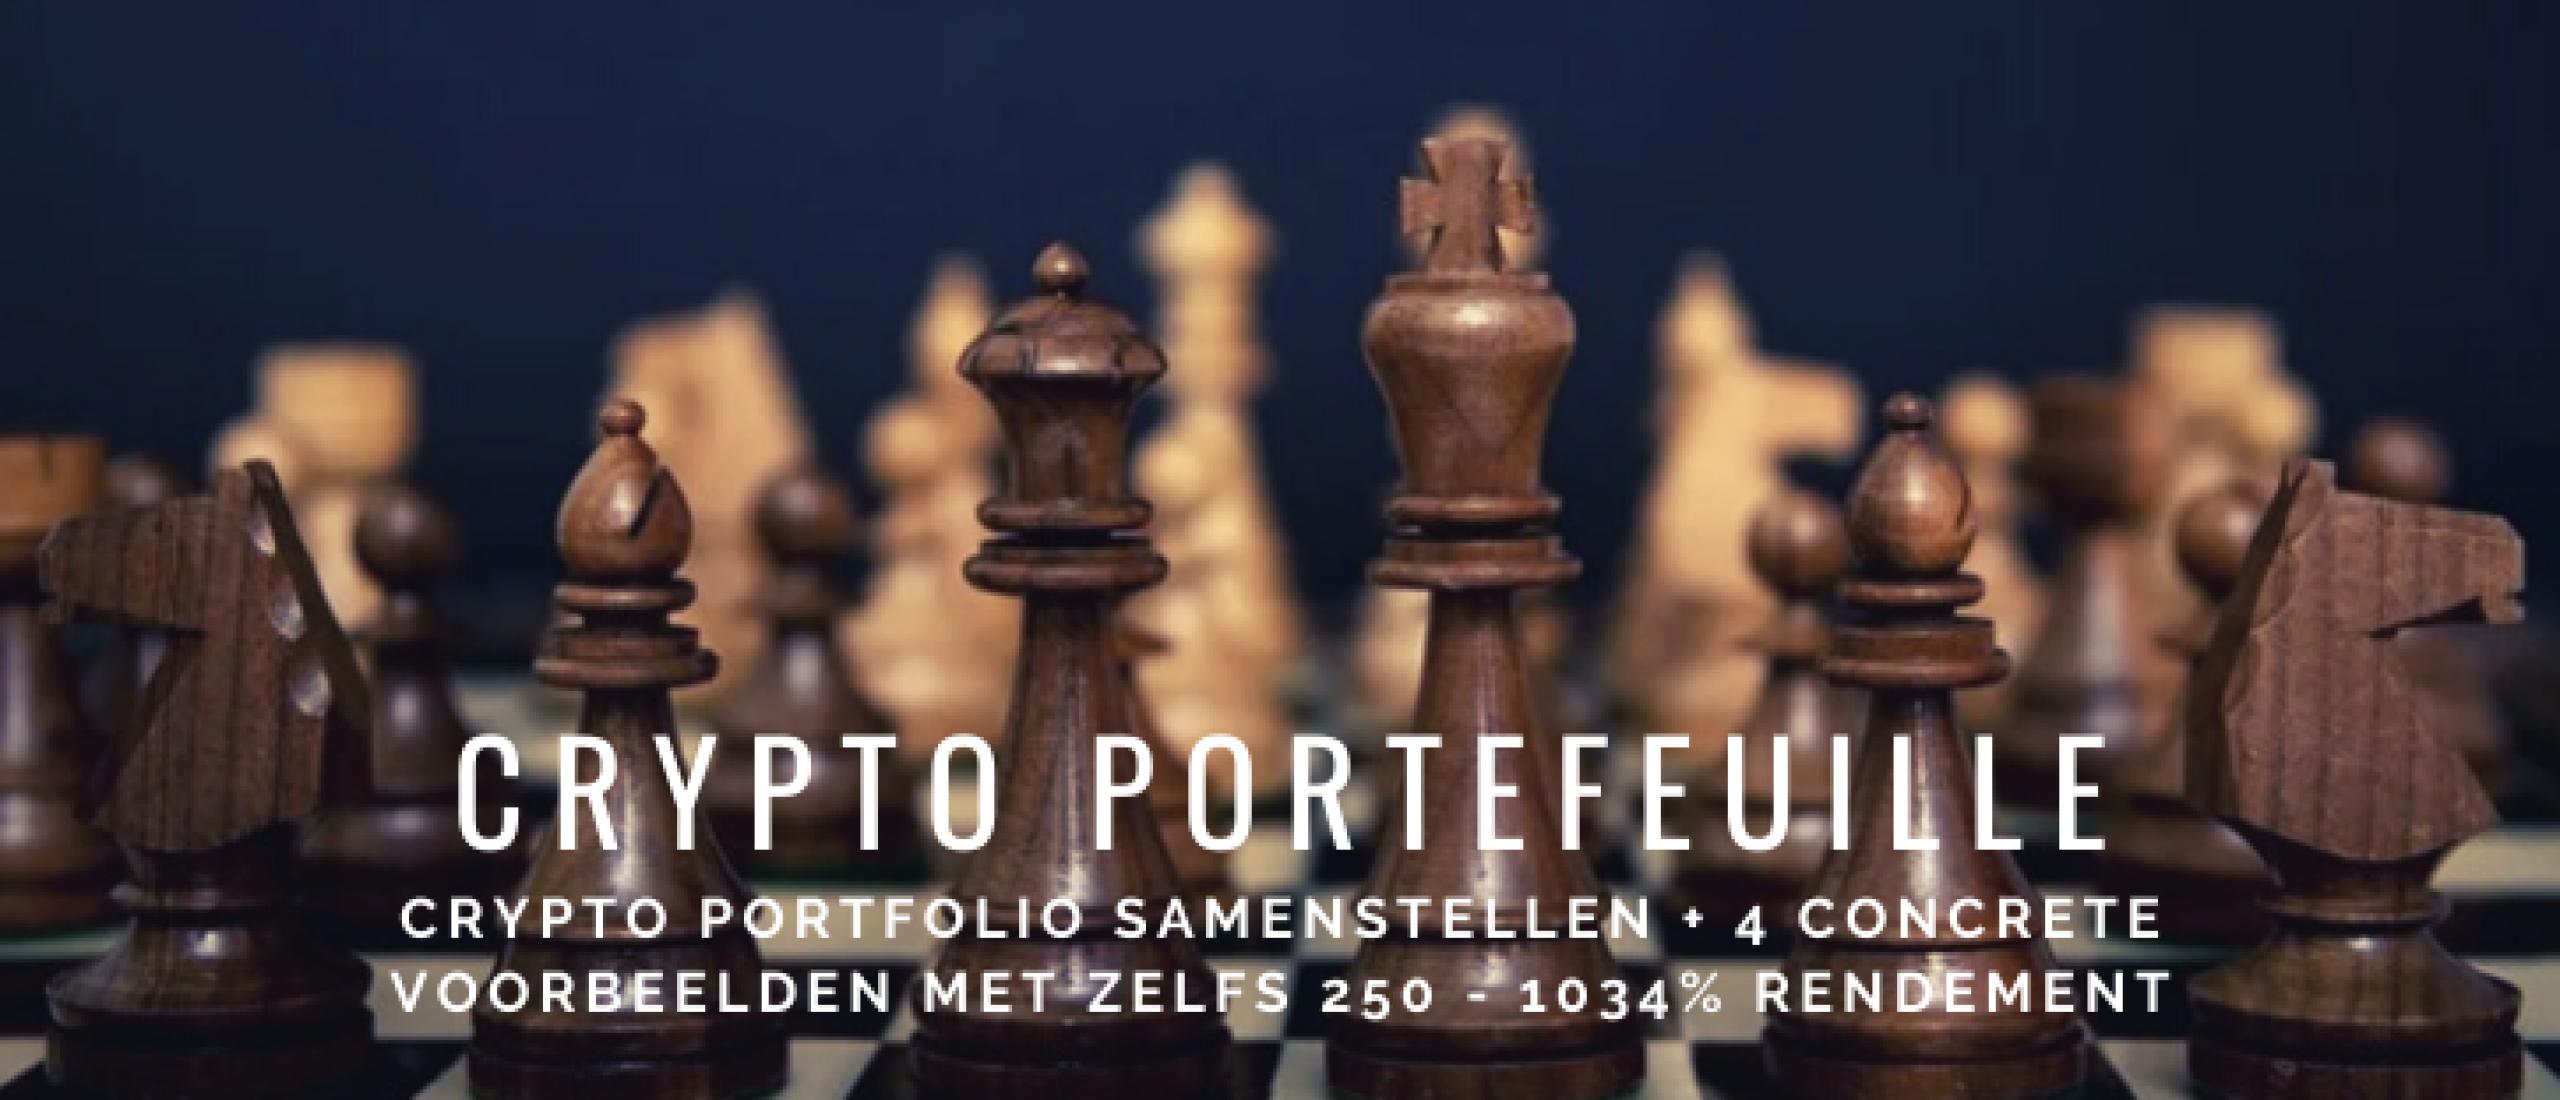 Hoe Crypto Portefeuille Samenstellen? Voorbeelden Altcoins en Bitcoin